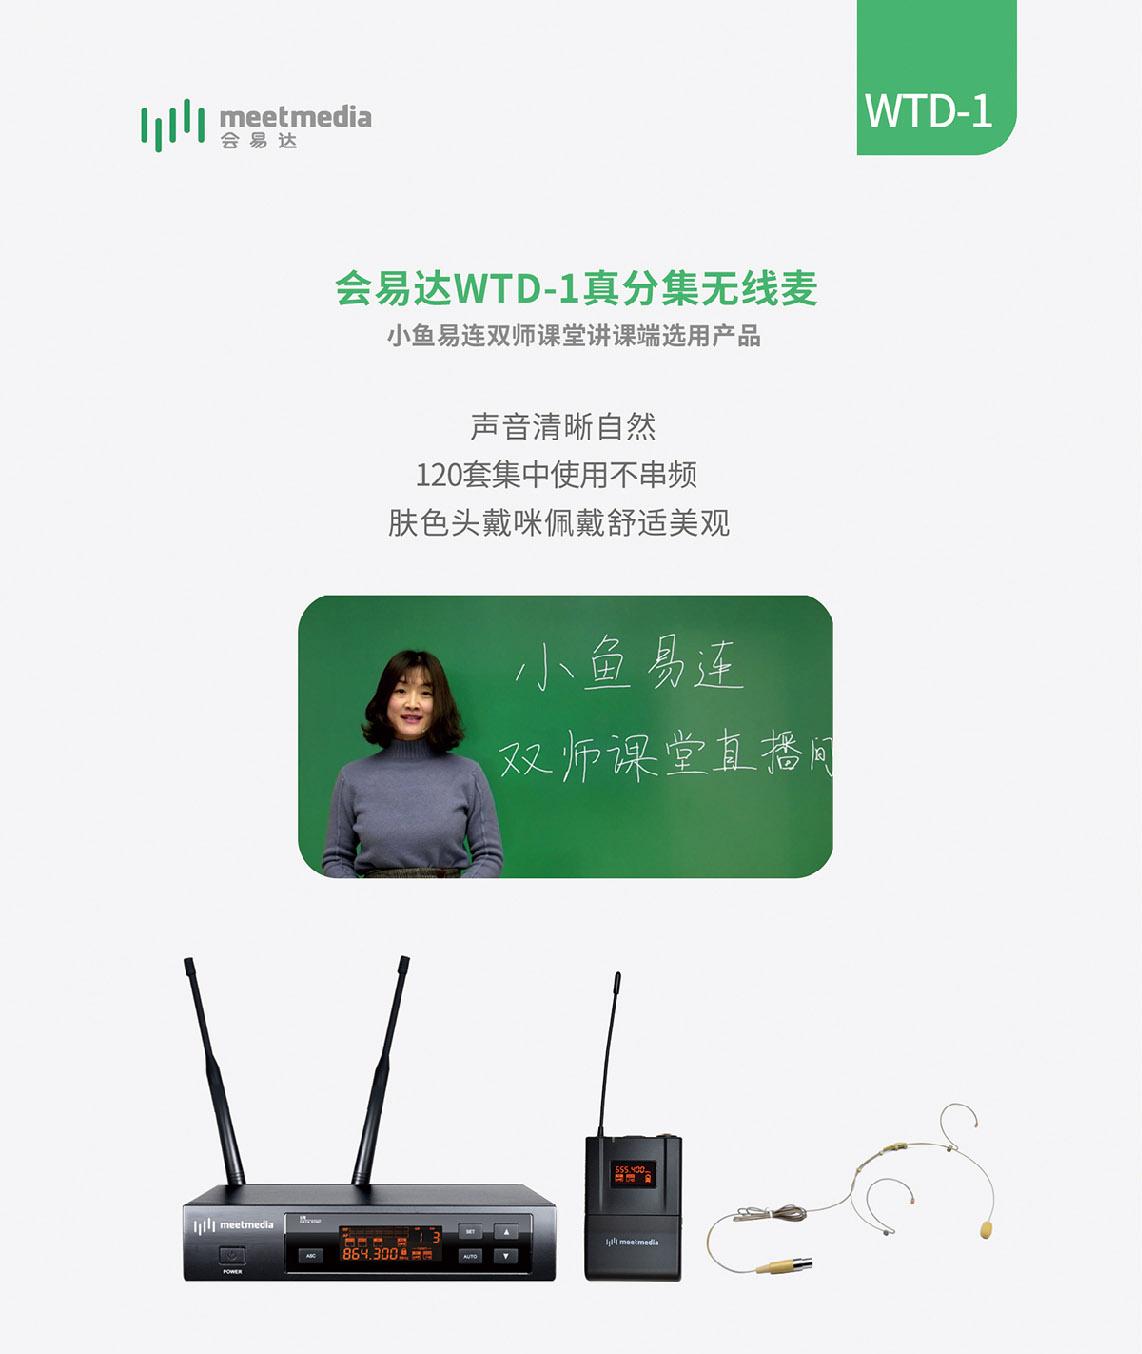 会易达WTD-1真分集无线麦(套装)